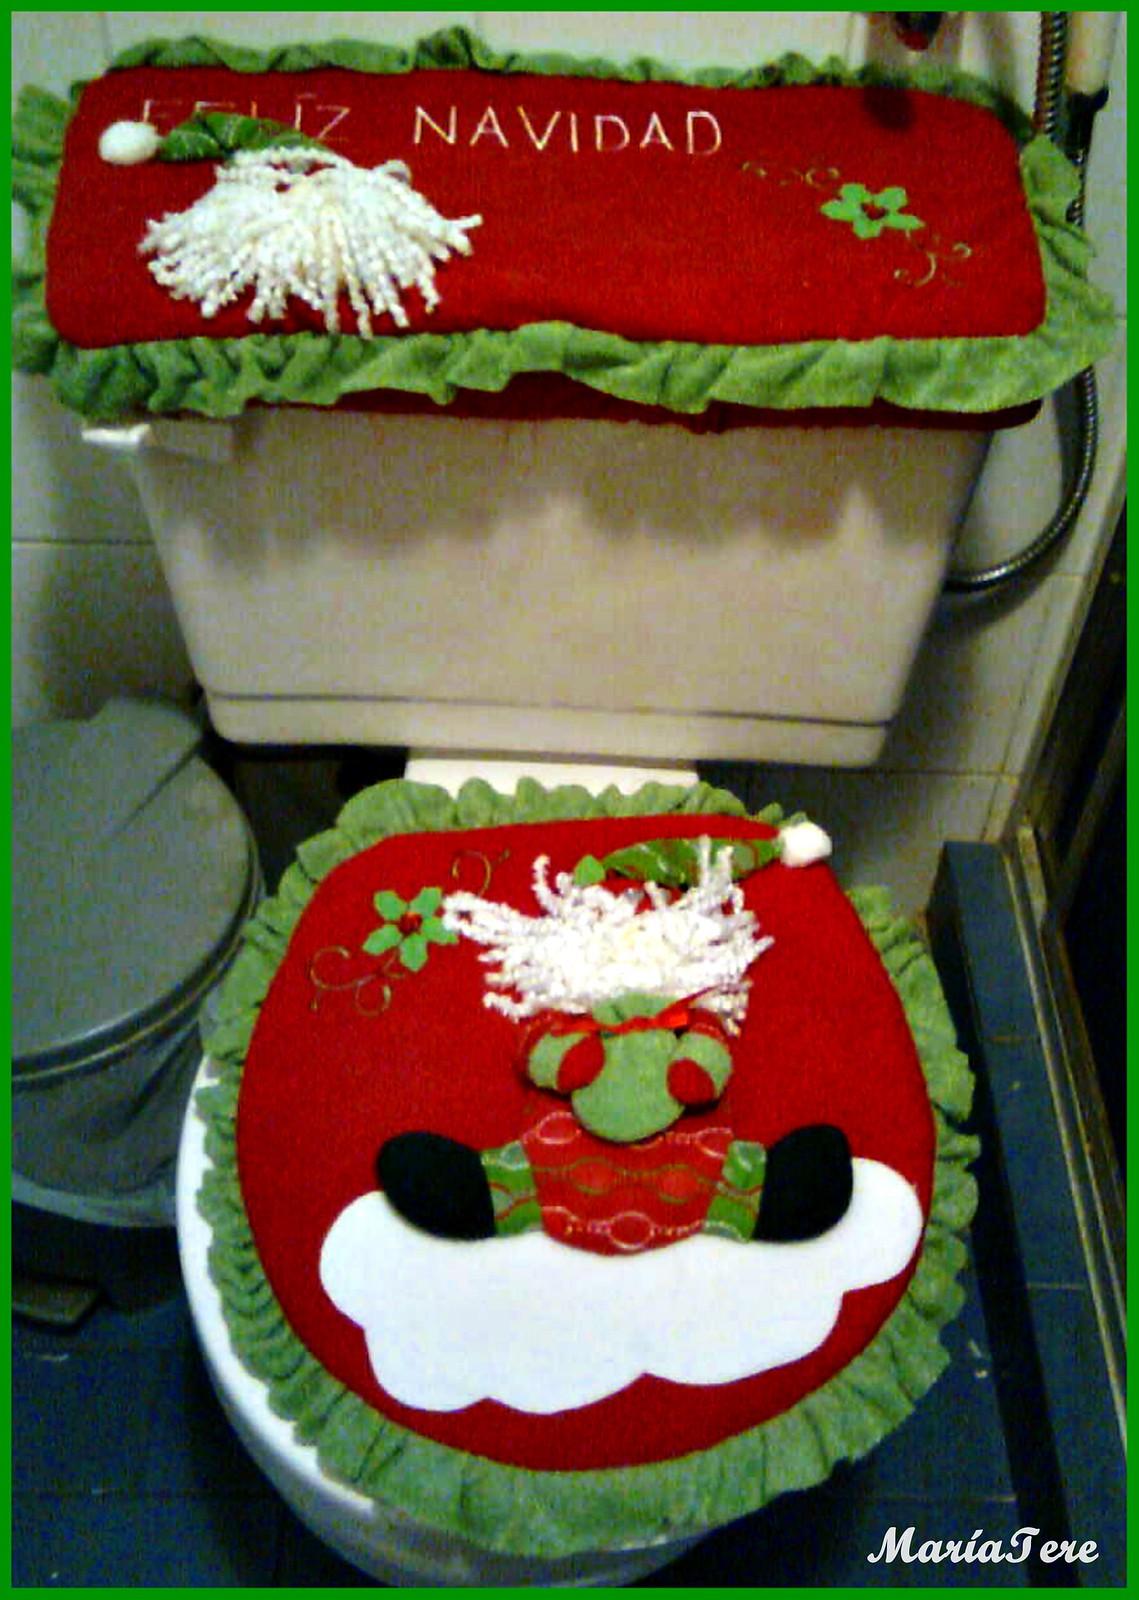 Imagenes De Juegos De Baño Fieltro:Juego de baño de navidad en fieltro